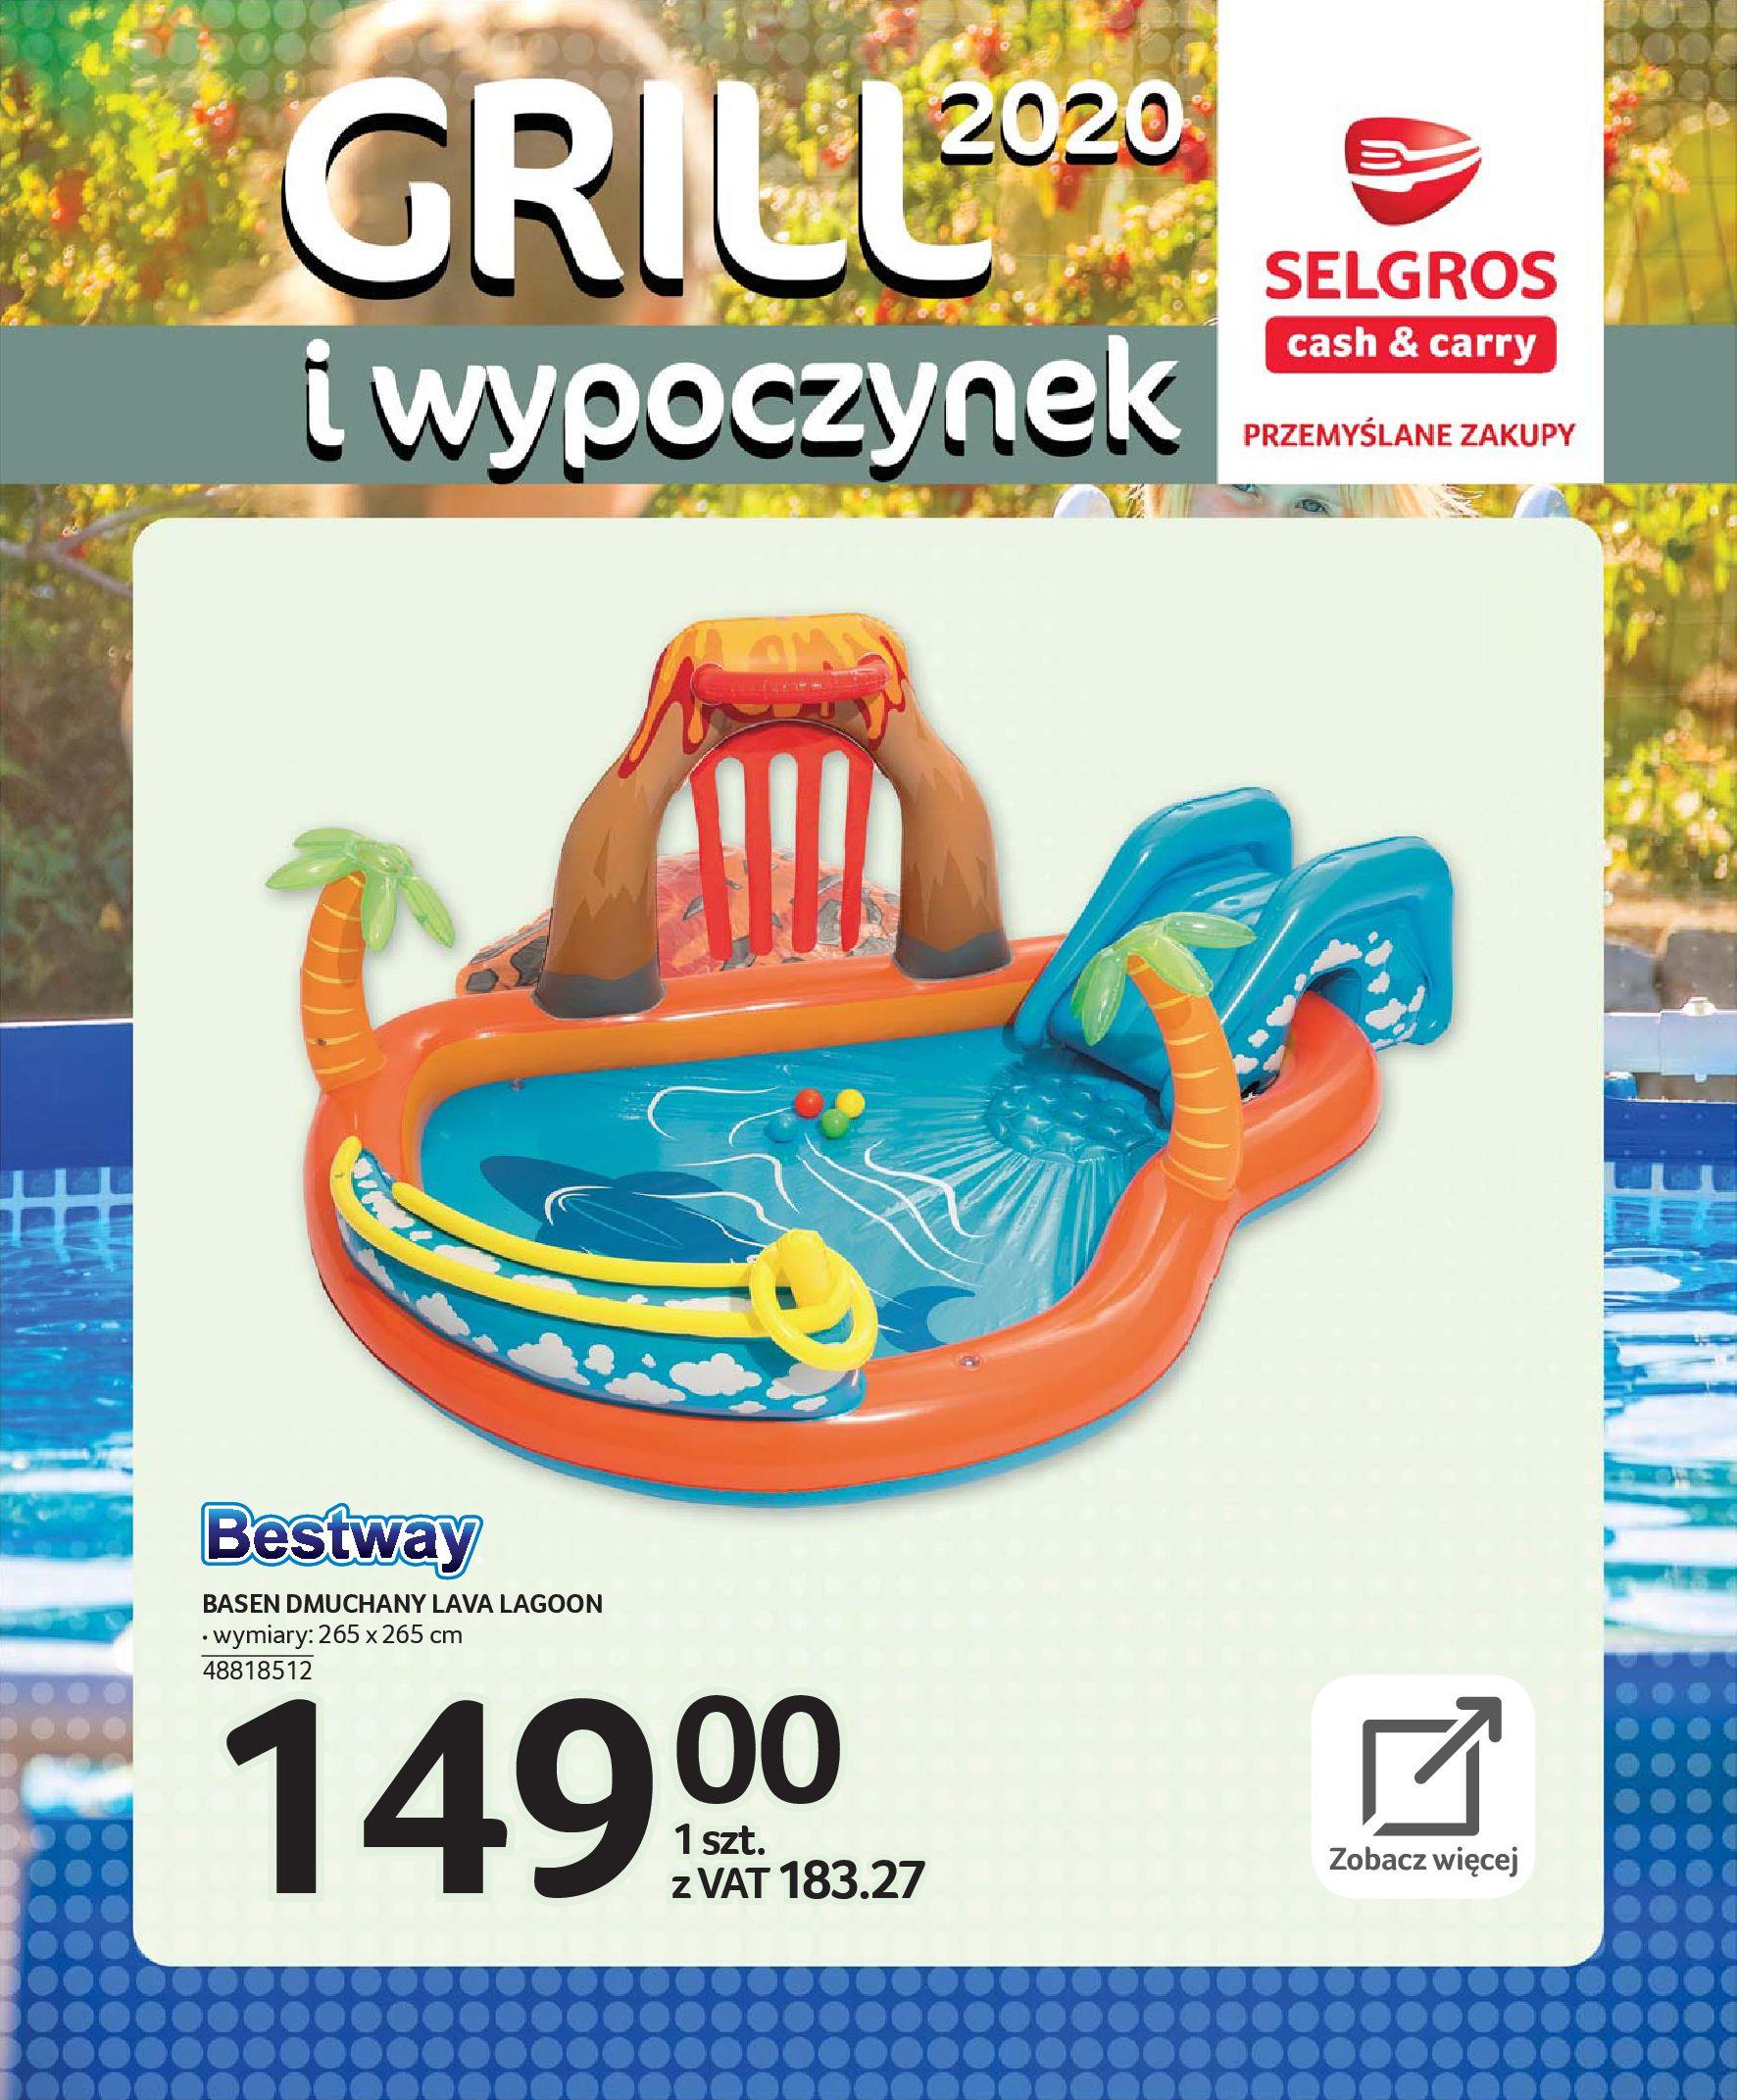 Gazetka Selgros - Katalog - Grill i wypoczynek-31.03.2020-31.08.2020-page-103